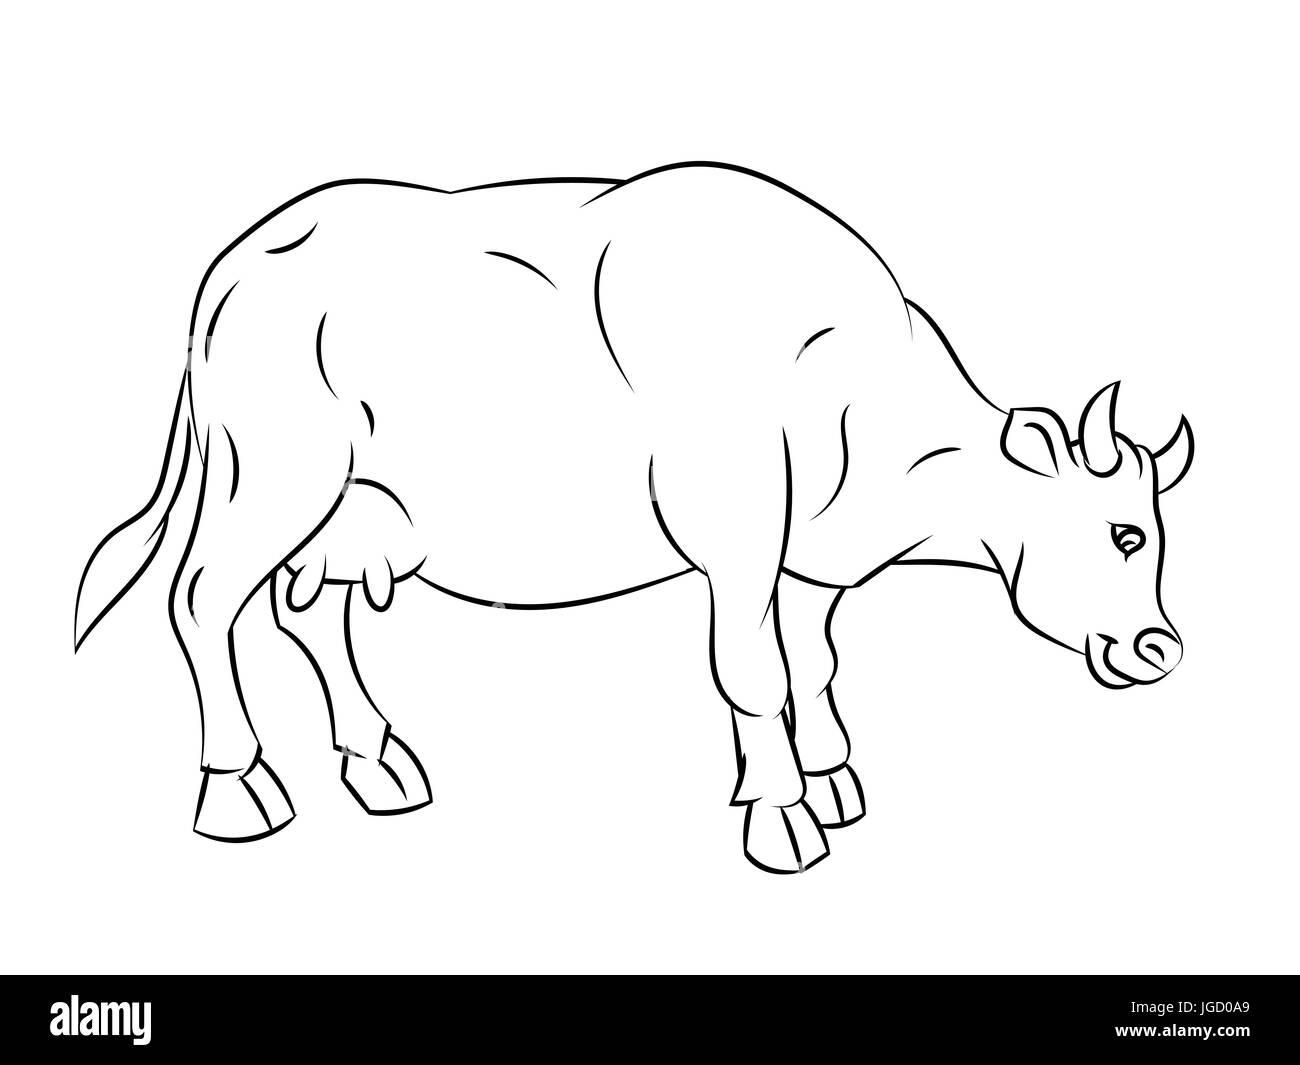 Croquis dibujados a mano de vaca aislados, en blanco y negro para ...